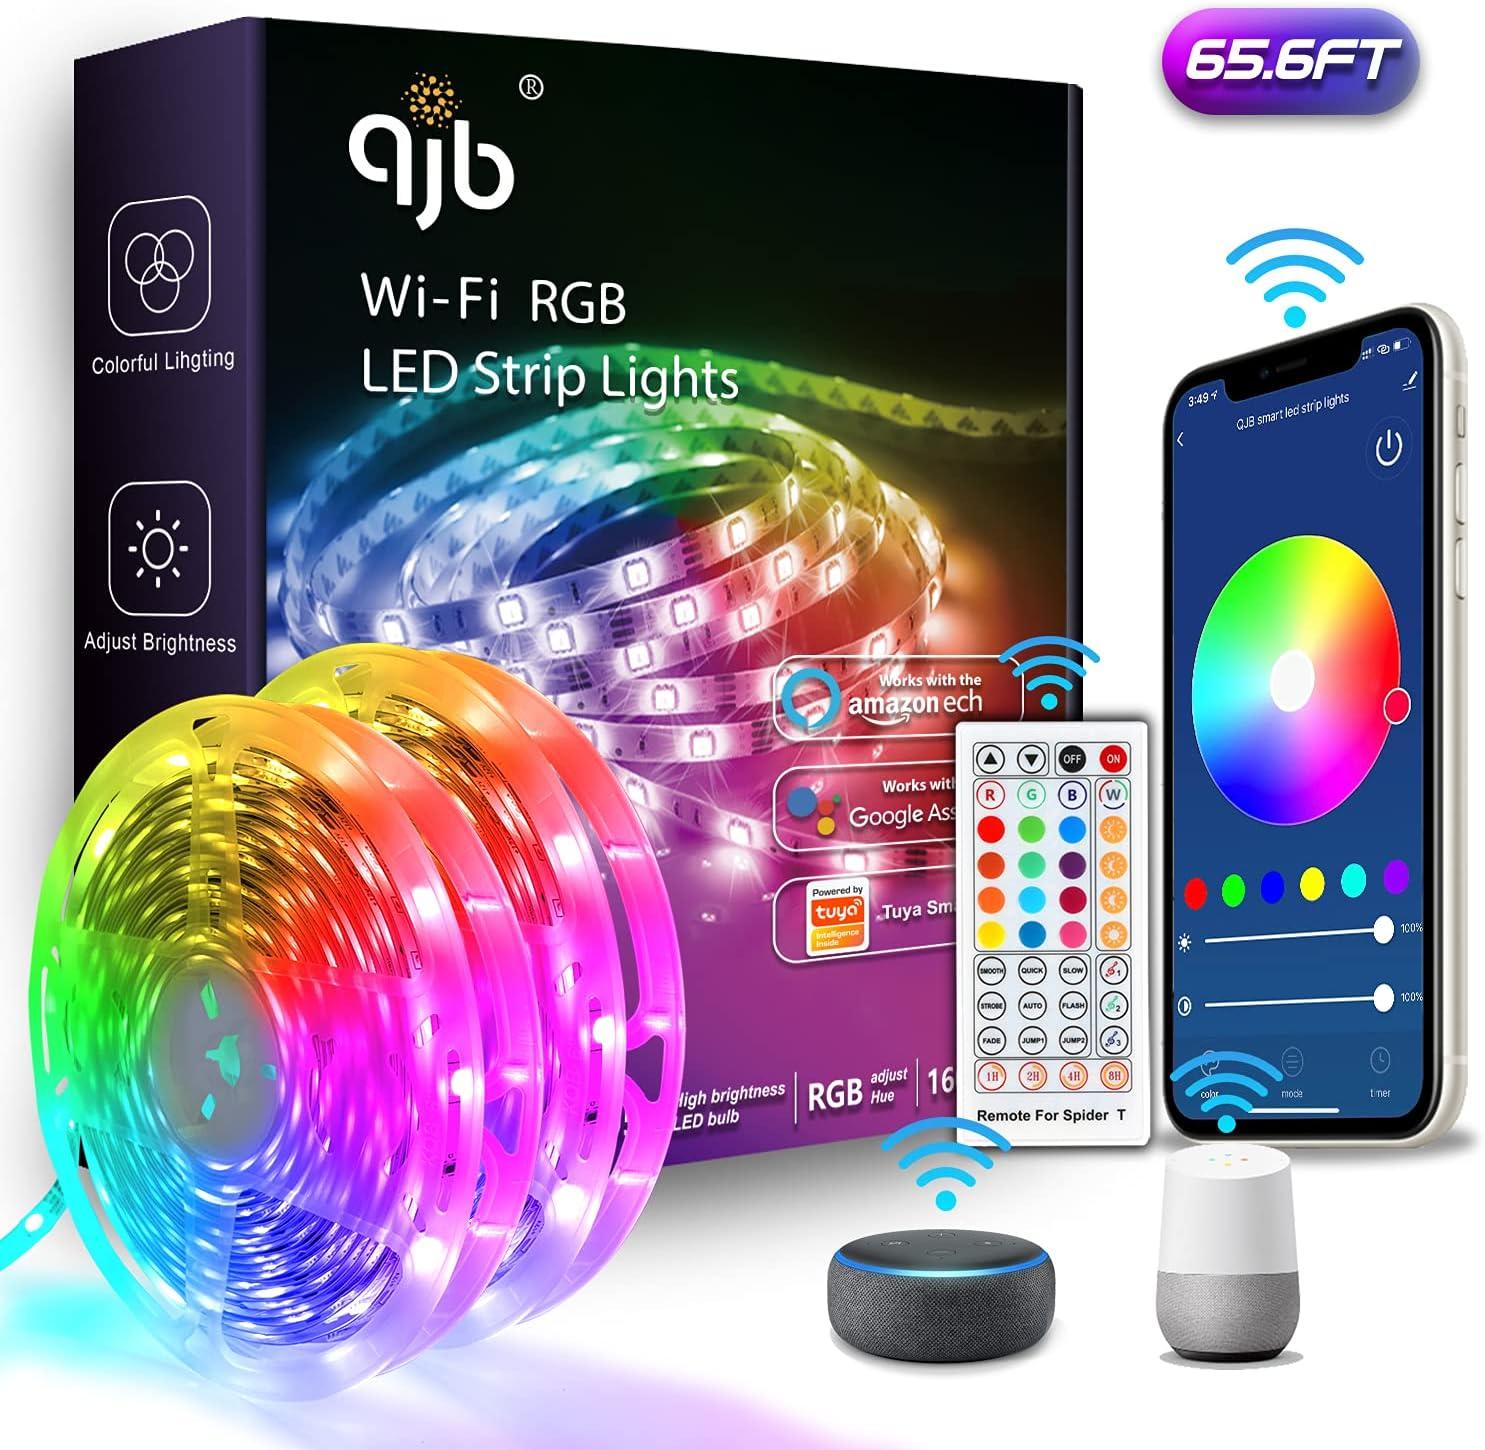 QJB Alexa LED Strip Tampa Mall Lights Selling rankings - 65.6ft Smart WiFi